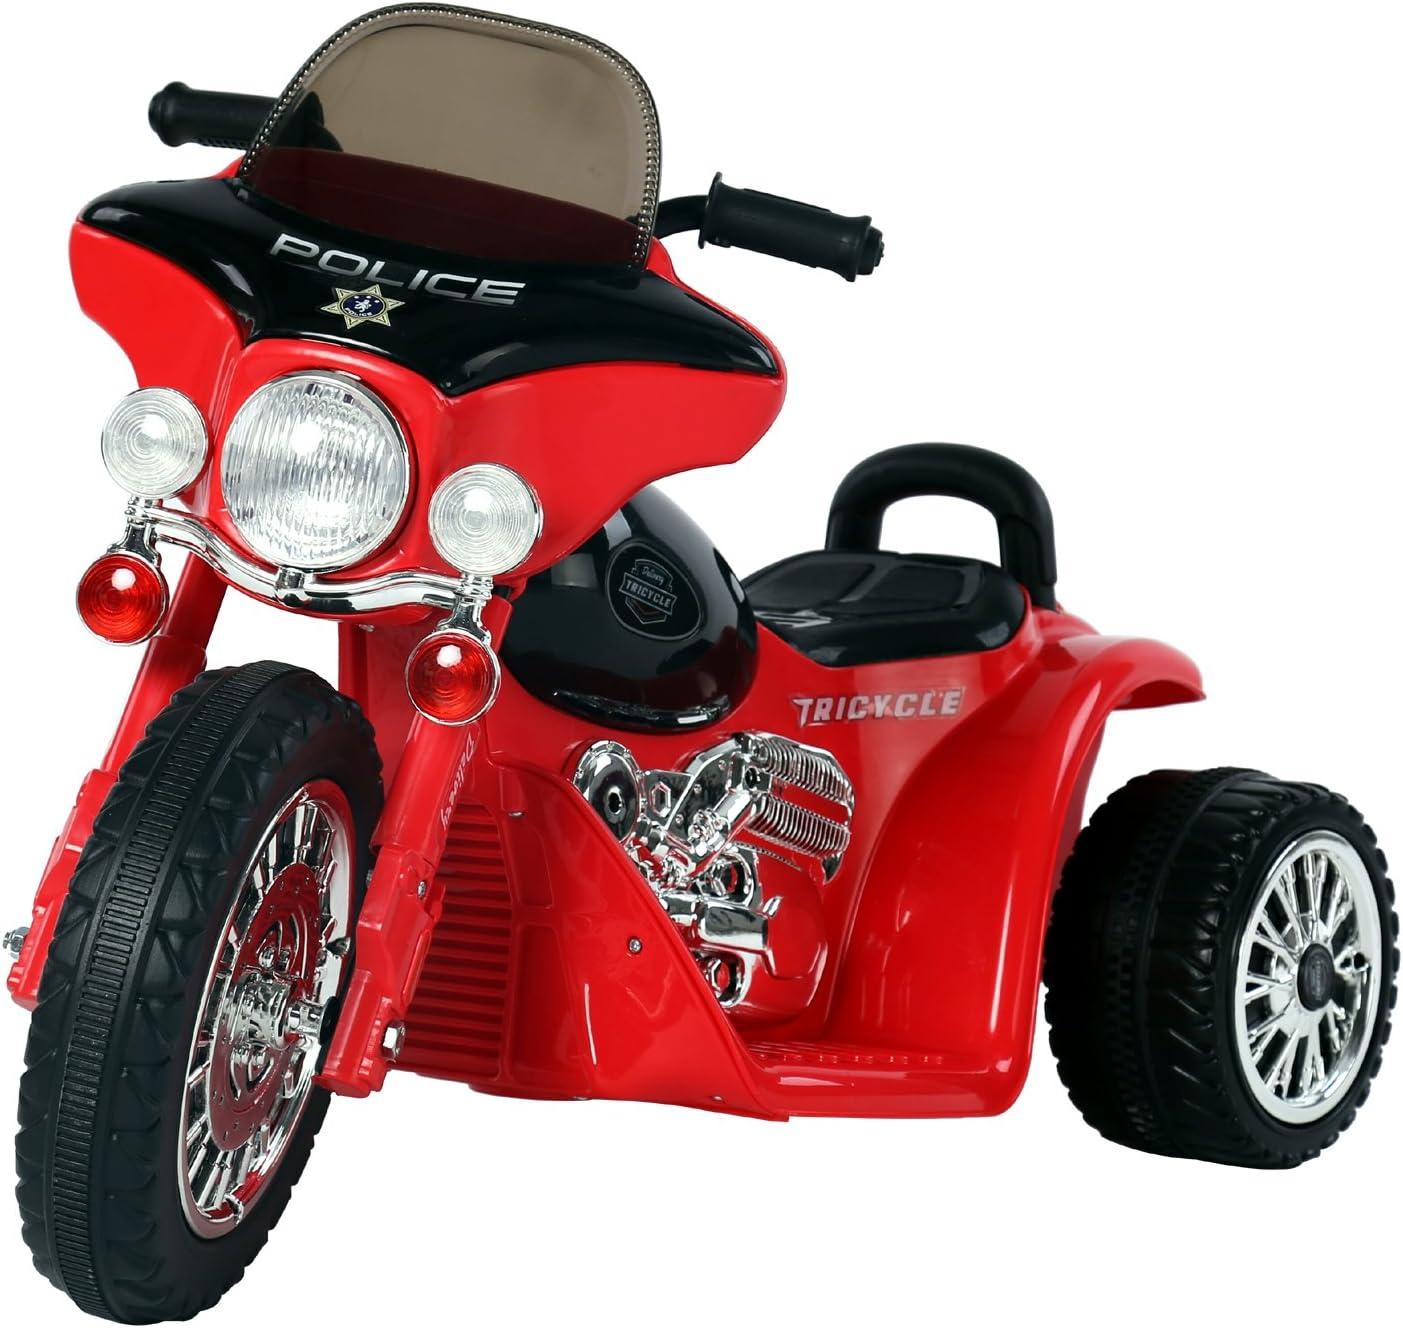 HOMCOM Moto Eléctrica Infantil Coche Triciclo Correpasillos a Batería Niños 18-36 Meses 6V Metal + PP 80x43x54.5cm Rojo